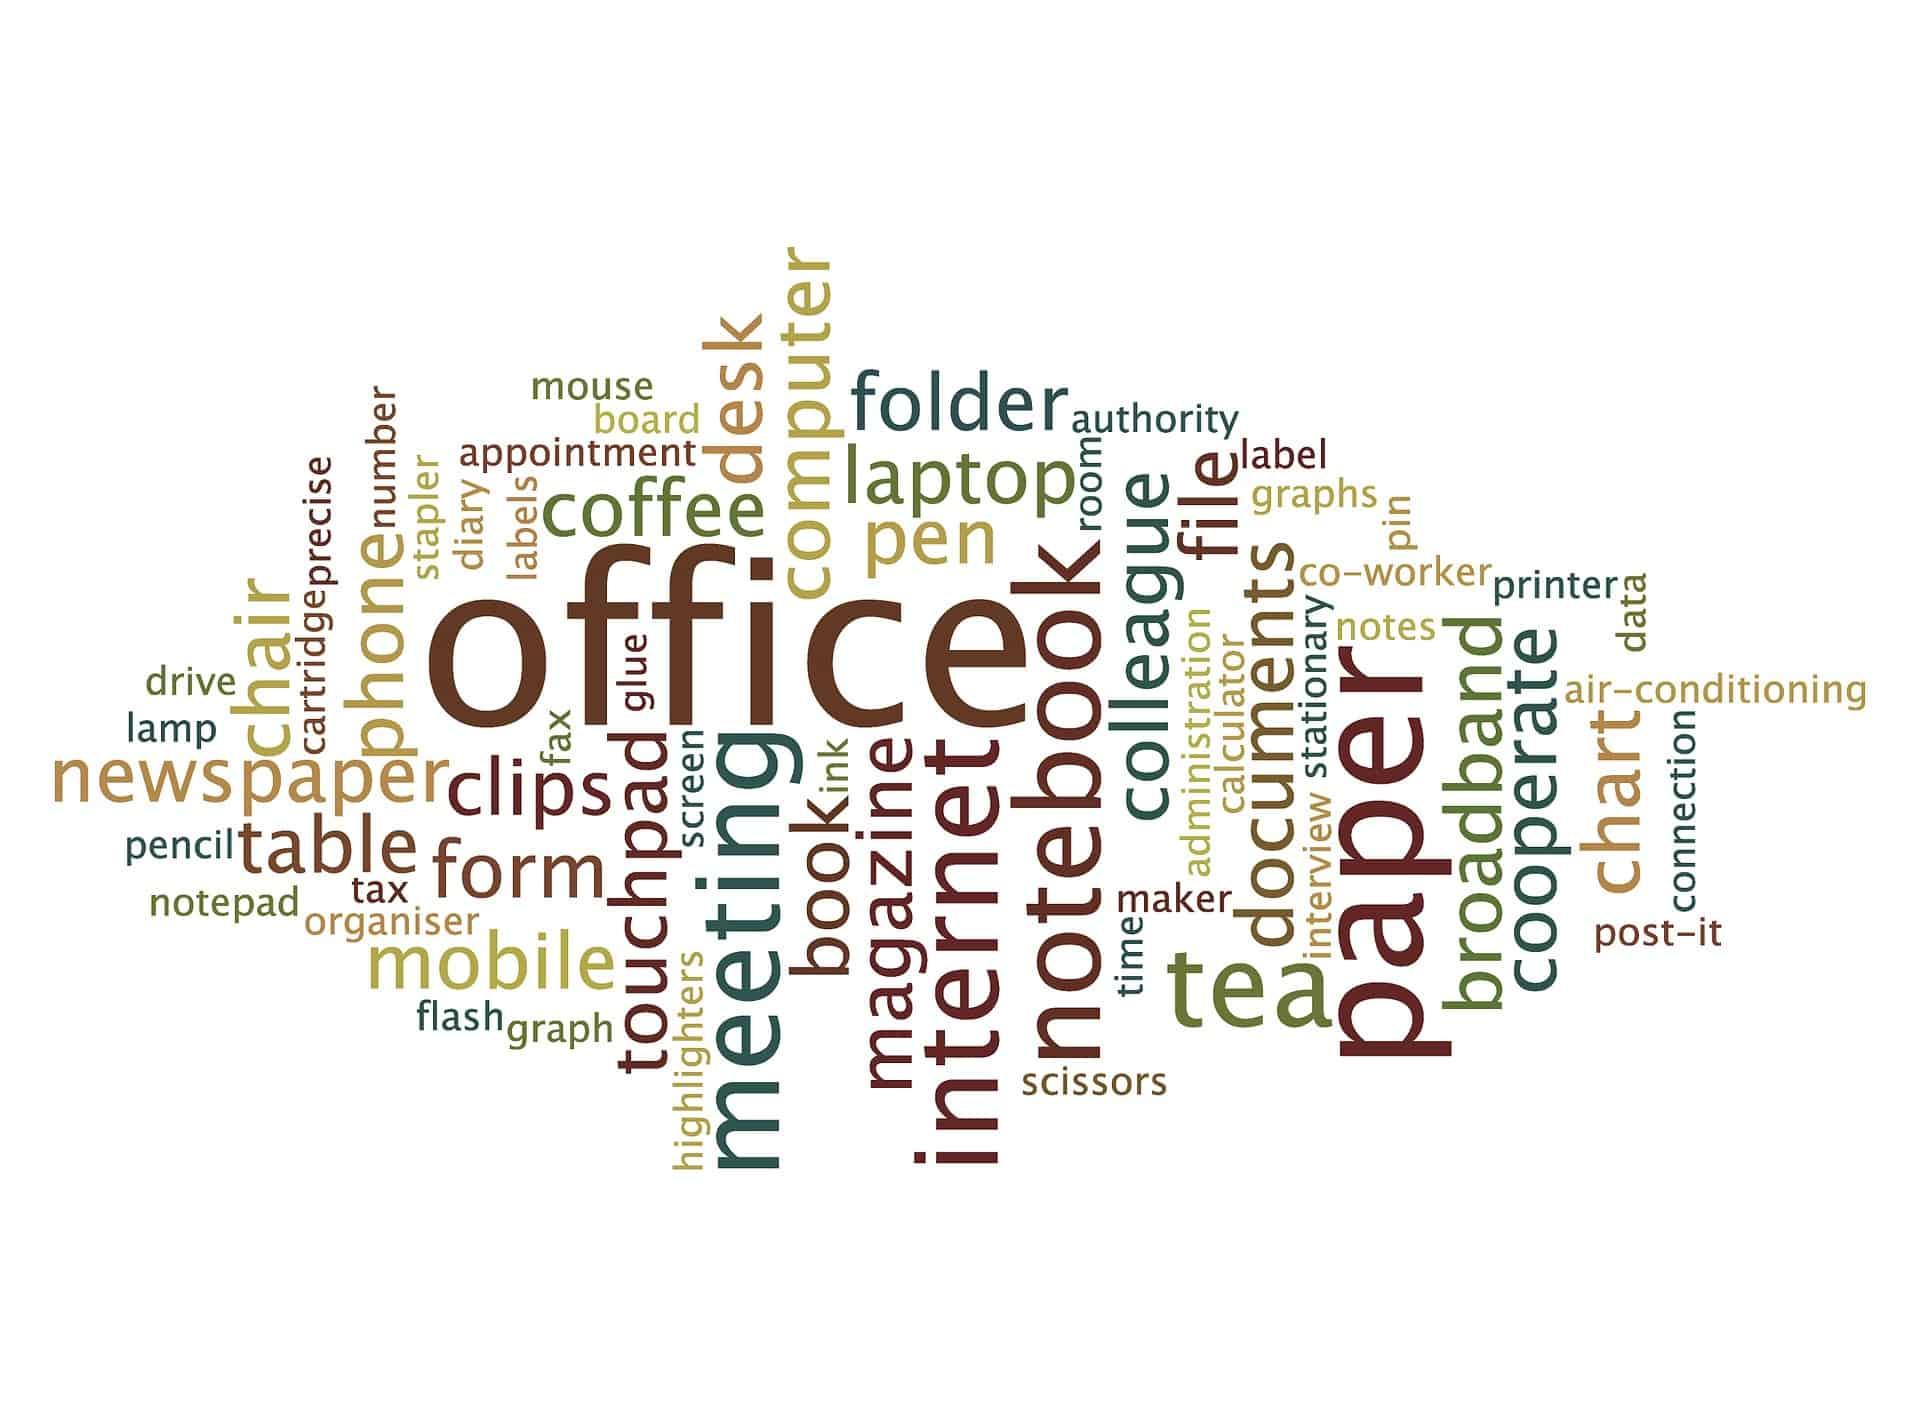 10 przykazań WordPress developera - chmura tagów